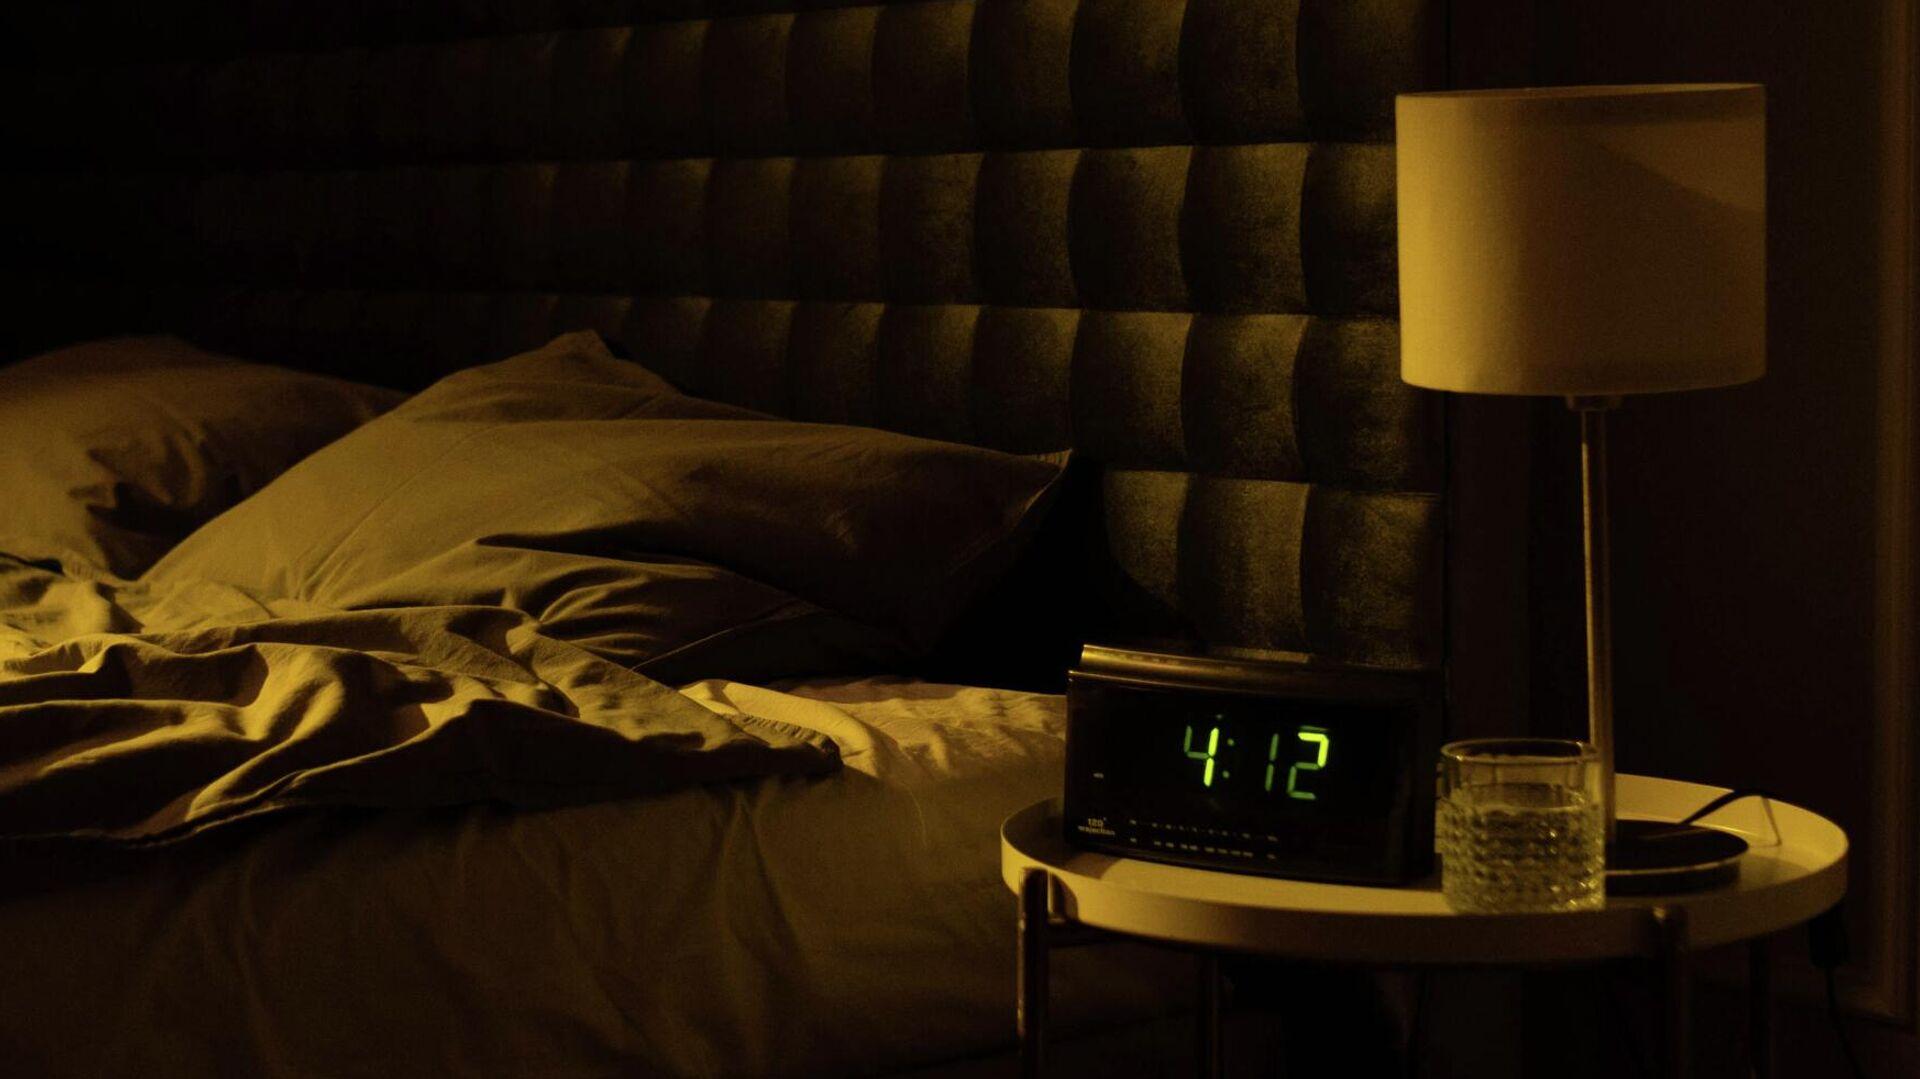 Una habitación de hotel, imagen referencial - Sputnik Mundo, 1920, 14.03.2021